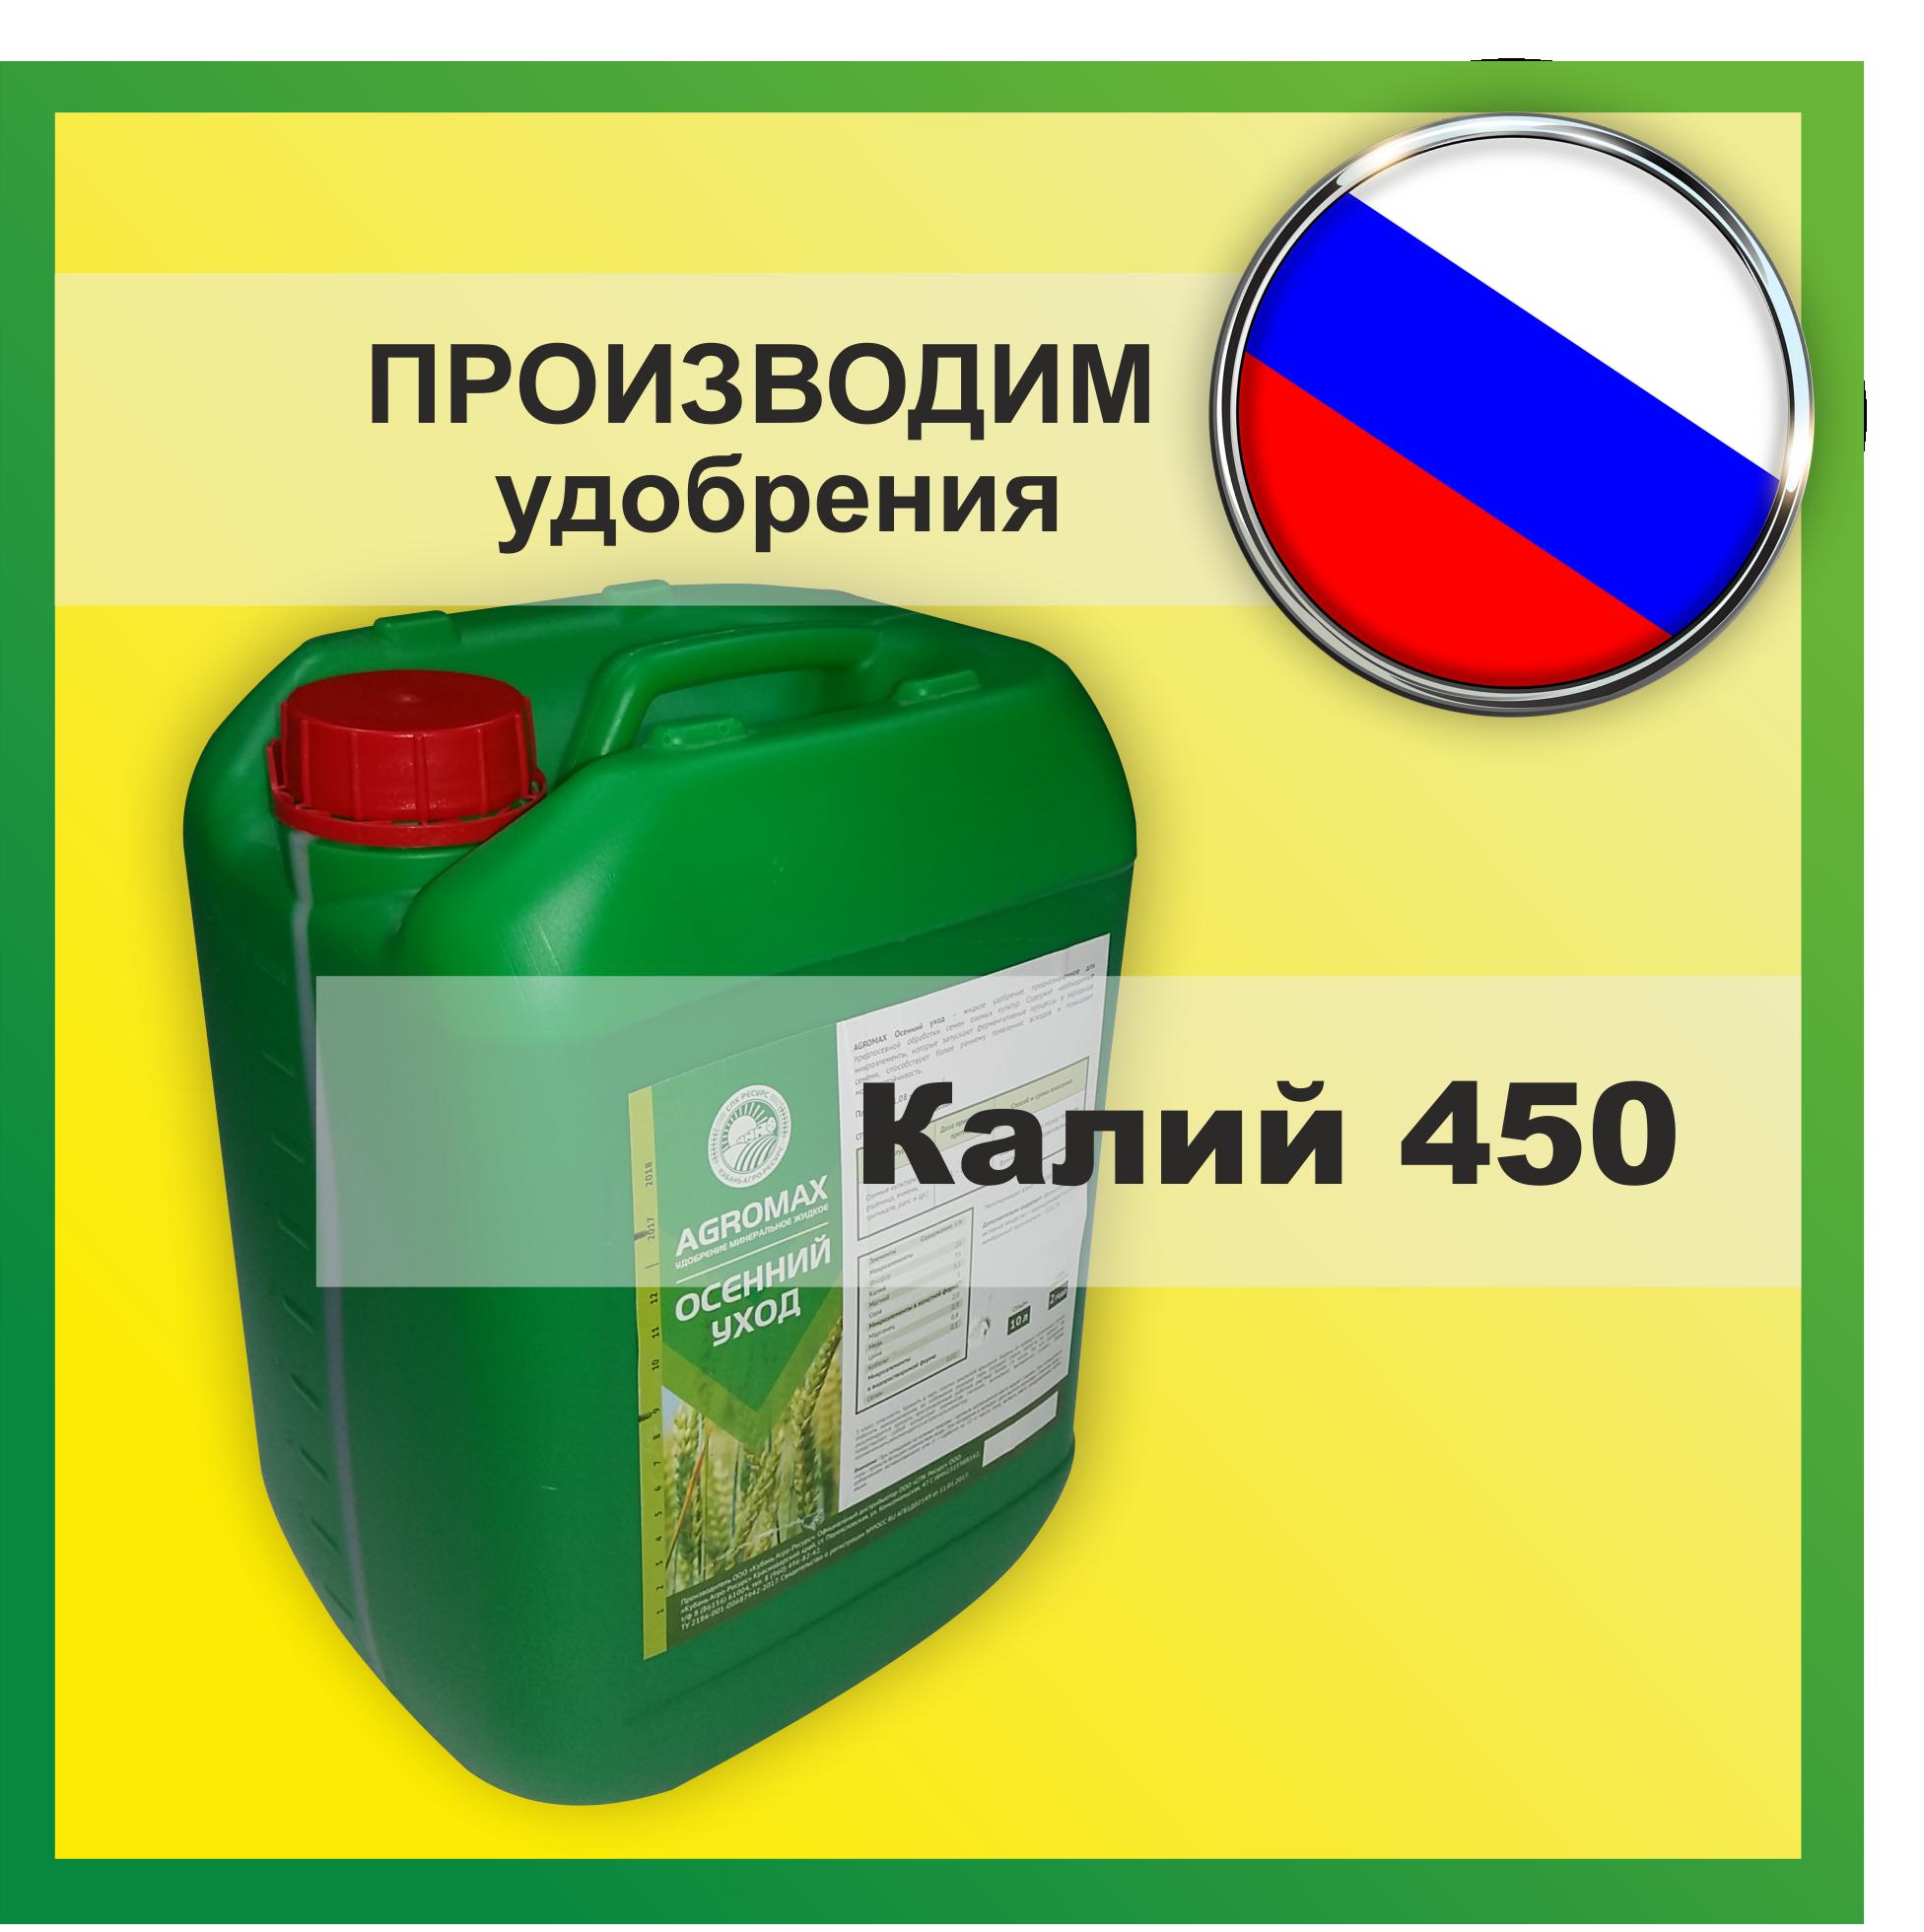 Kalij-450-udobrenie-agromaks-1-1